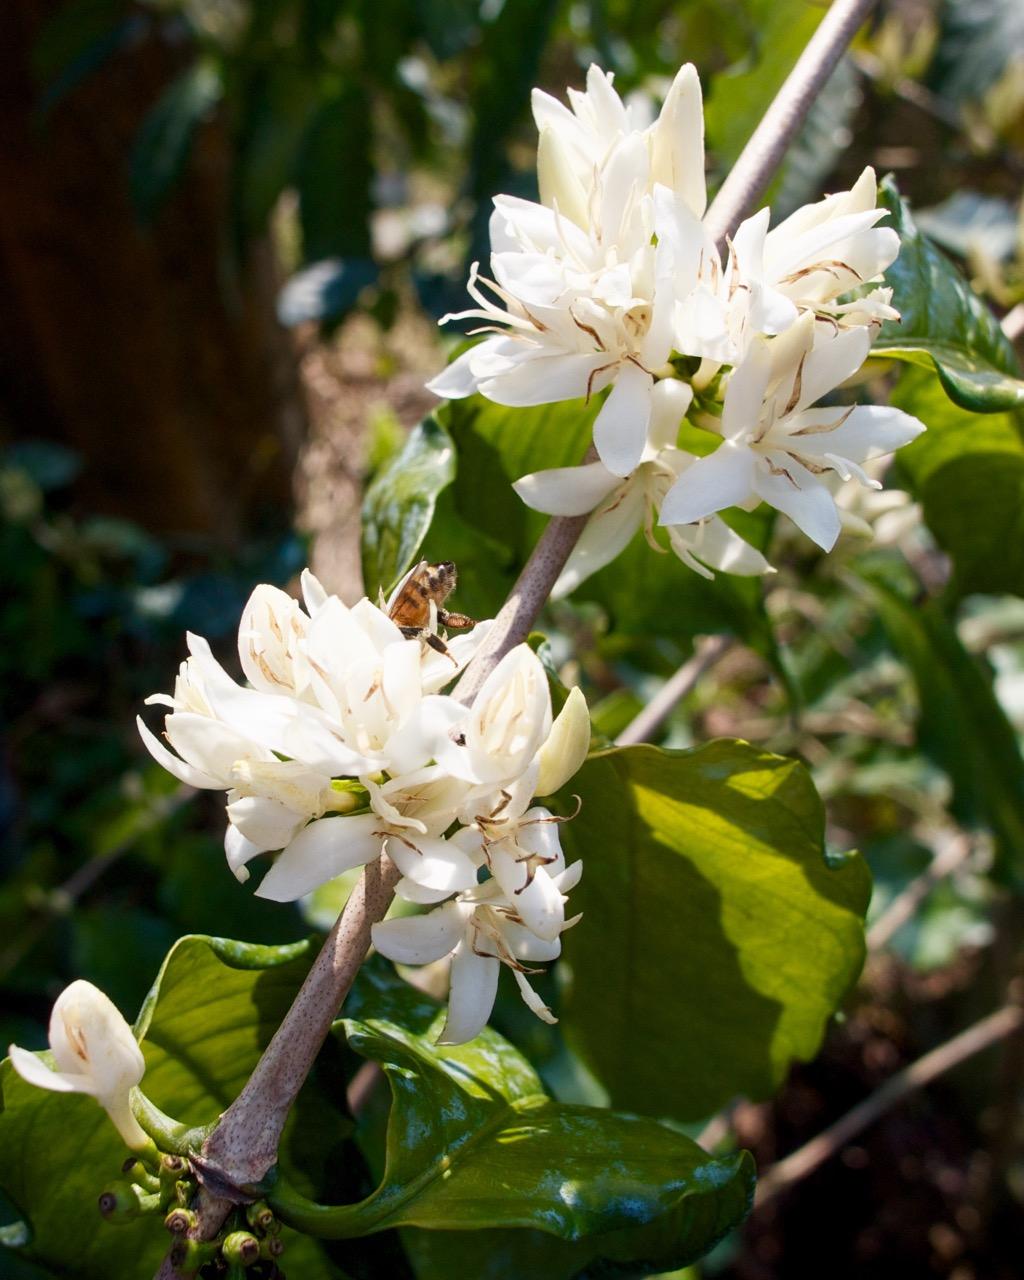 Taiwan Coffee Bush in Bloom